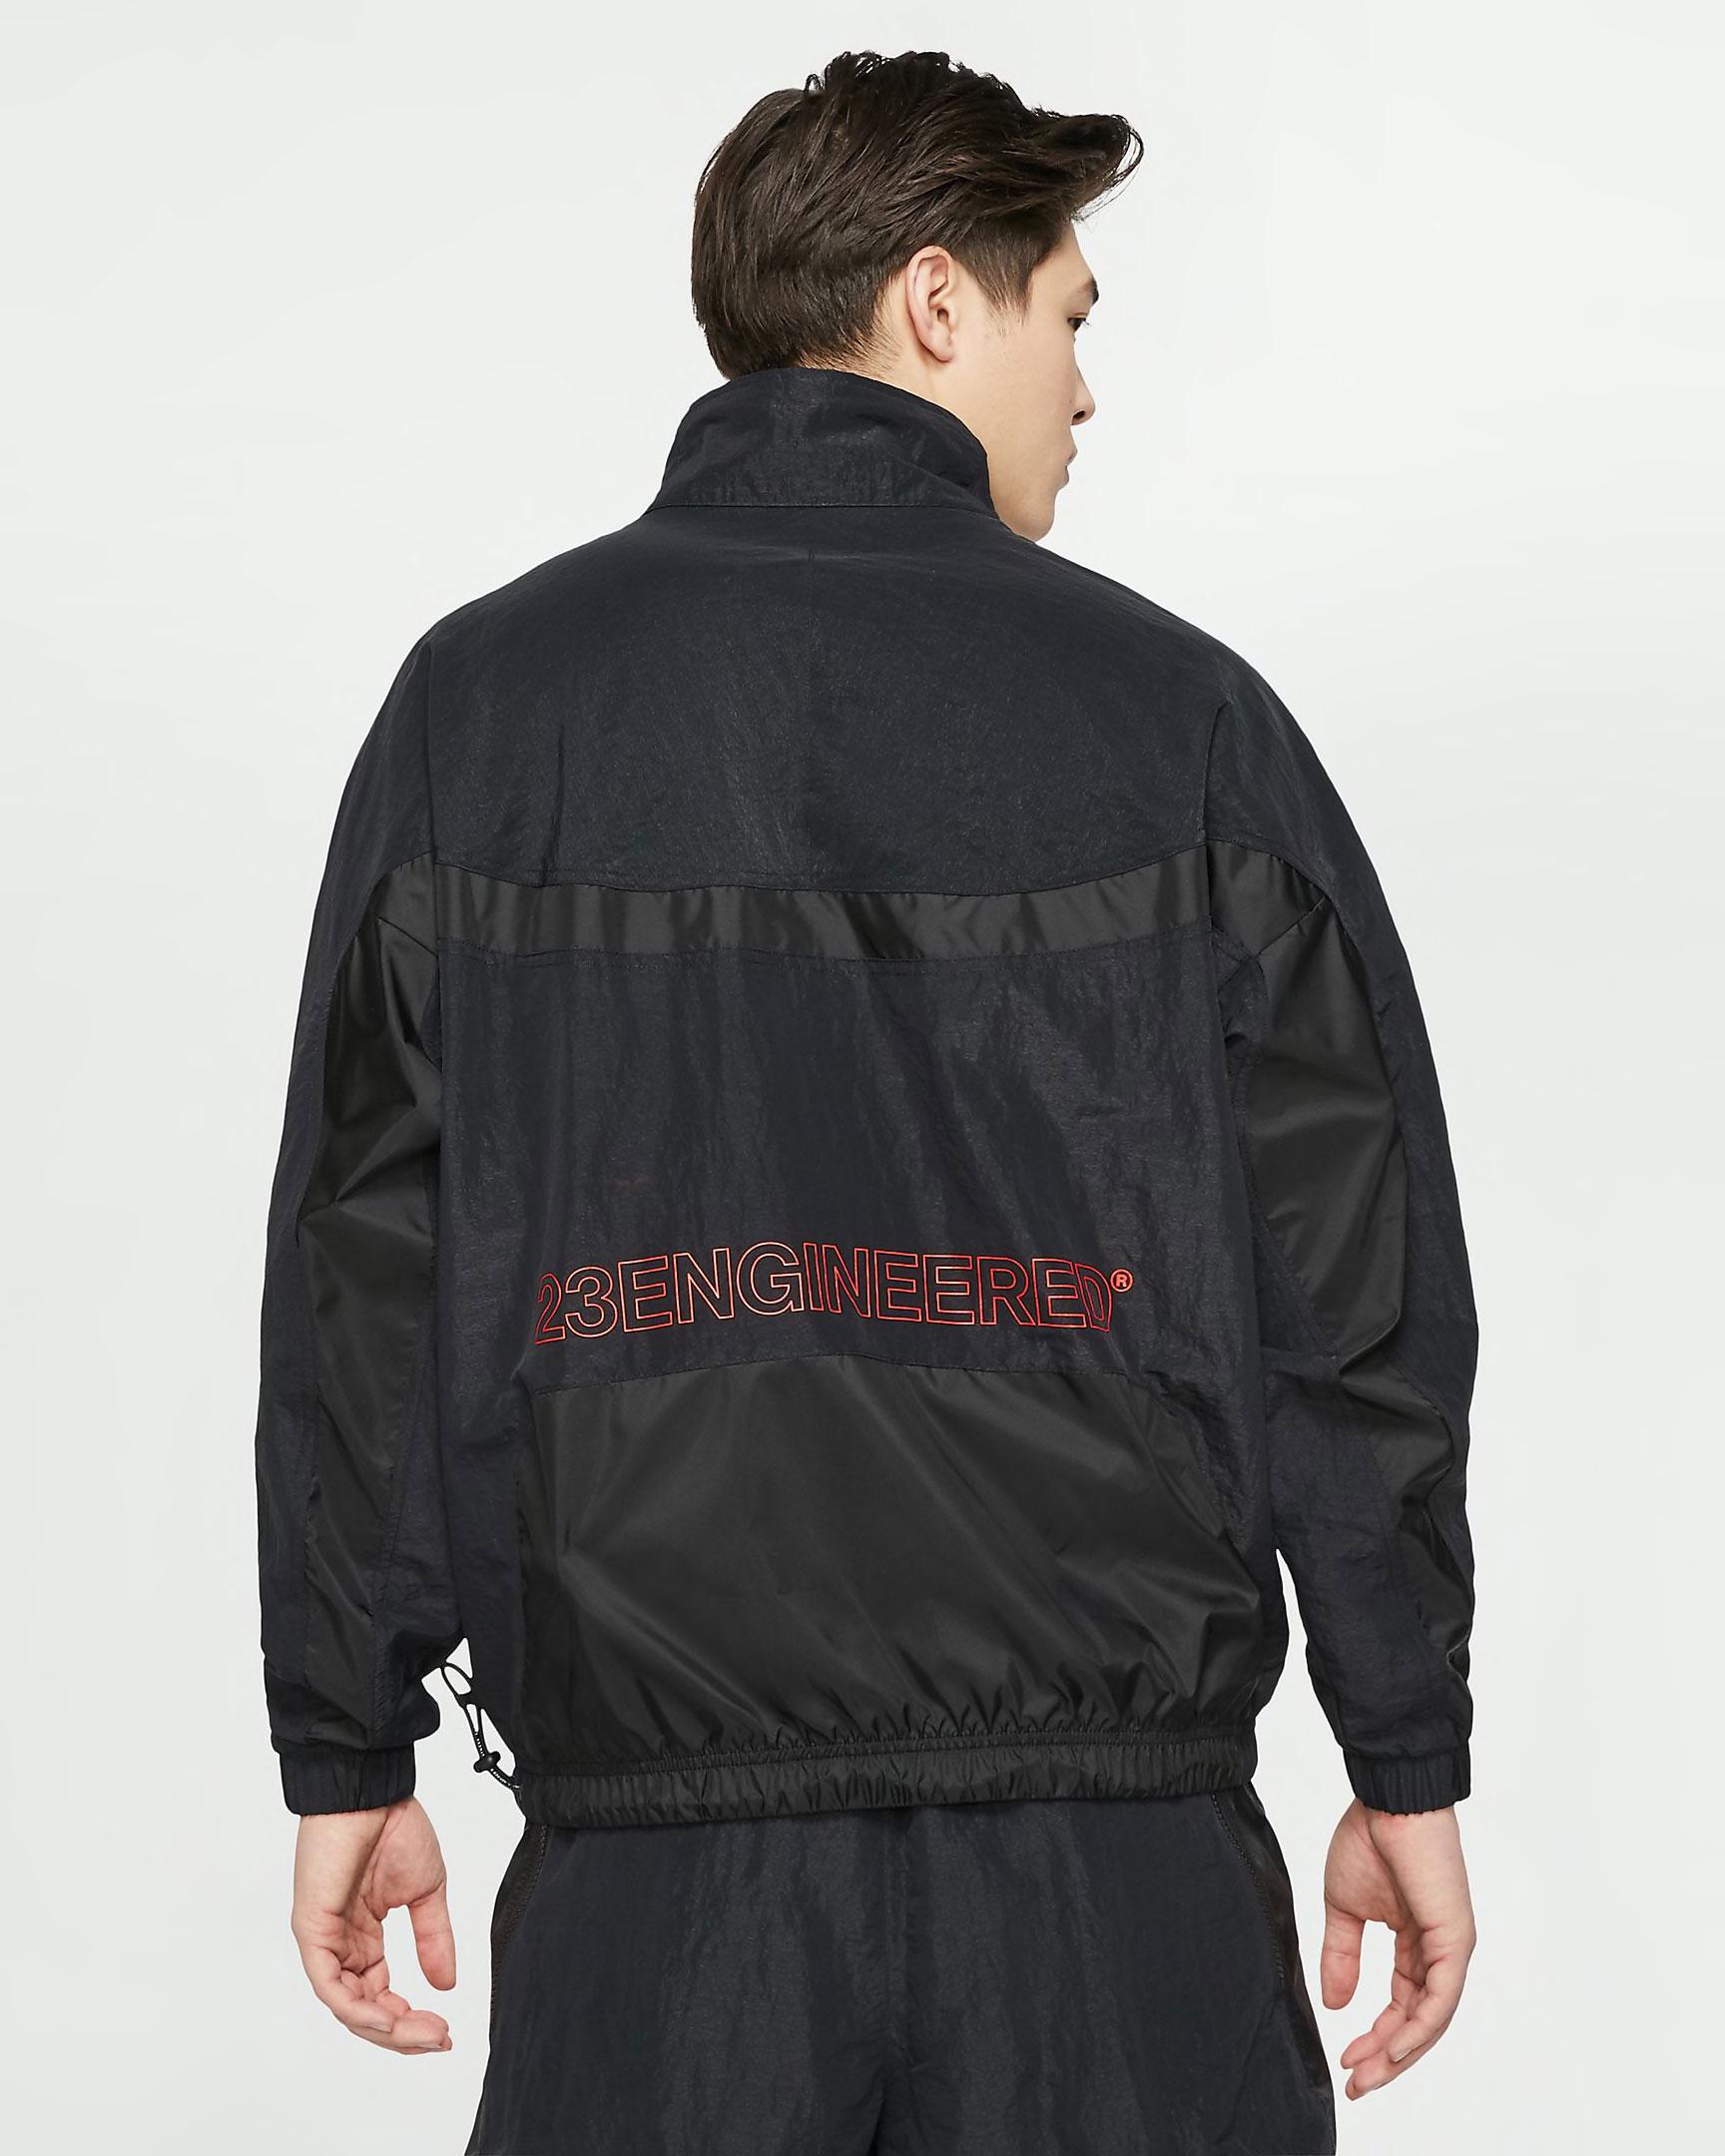 jordan-23-engineered-jacket-black-red-2